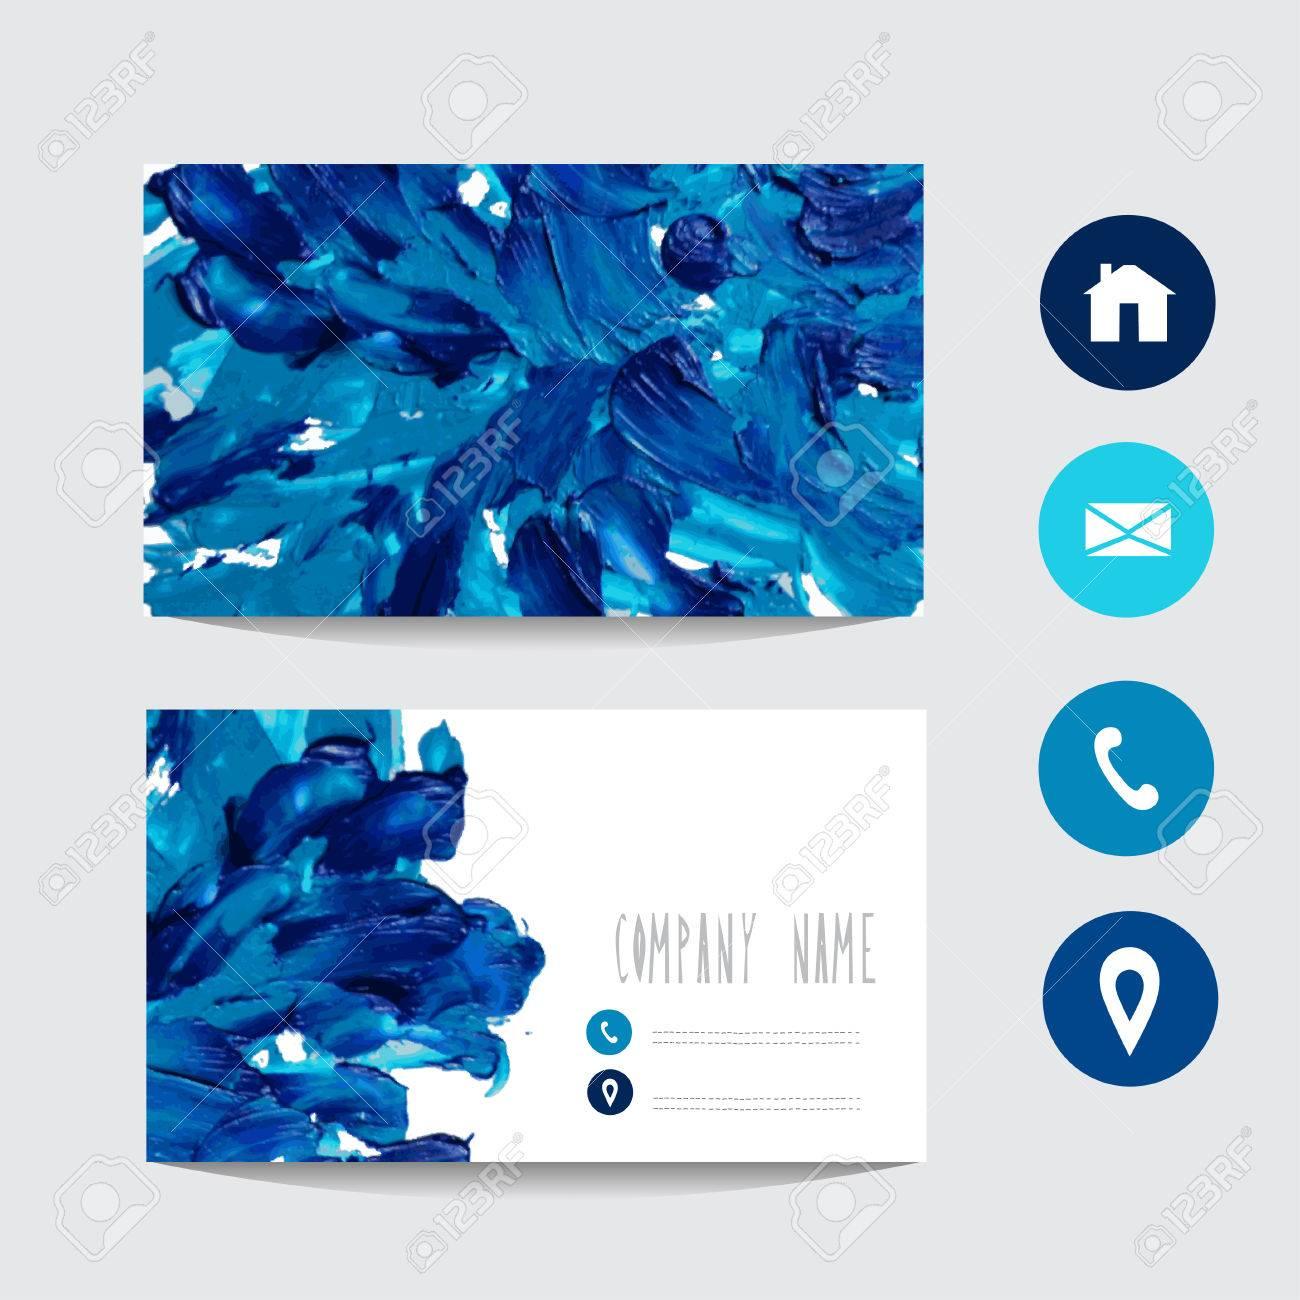 Huile Peint Modele De Carte Visite Bleu Element Design Peut